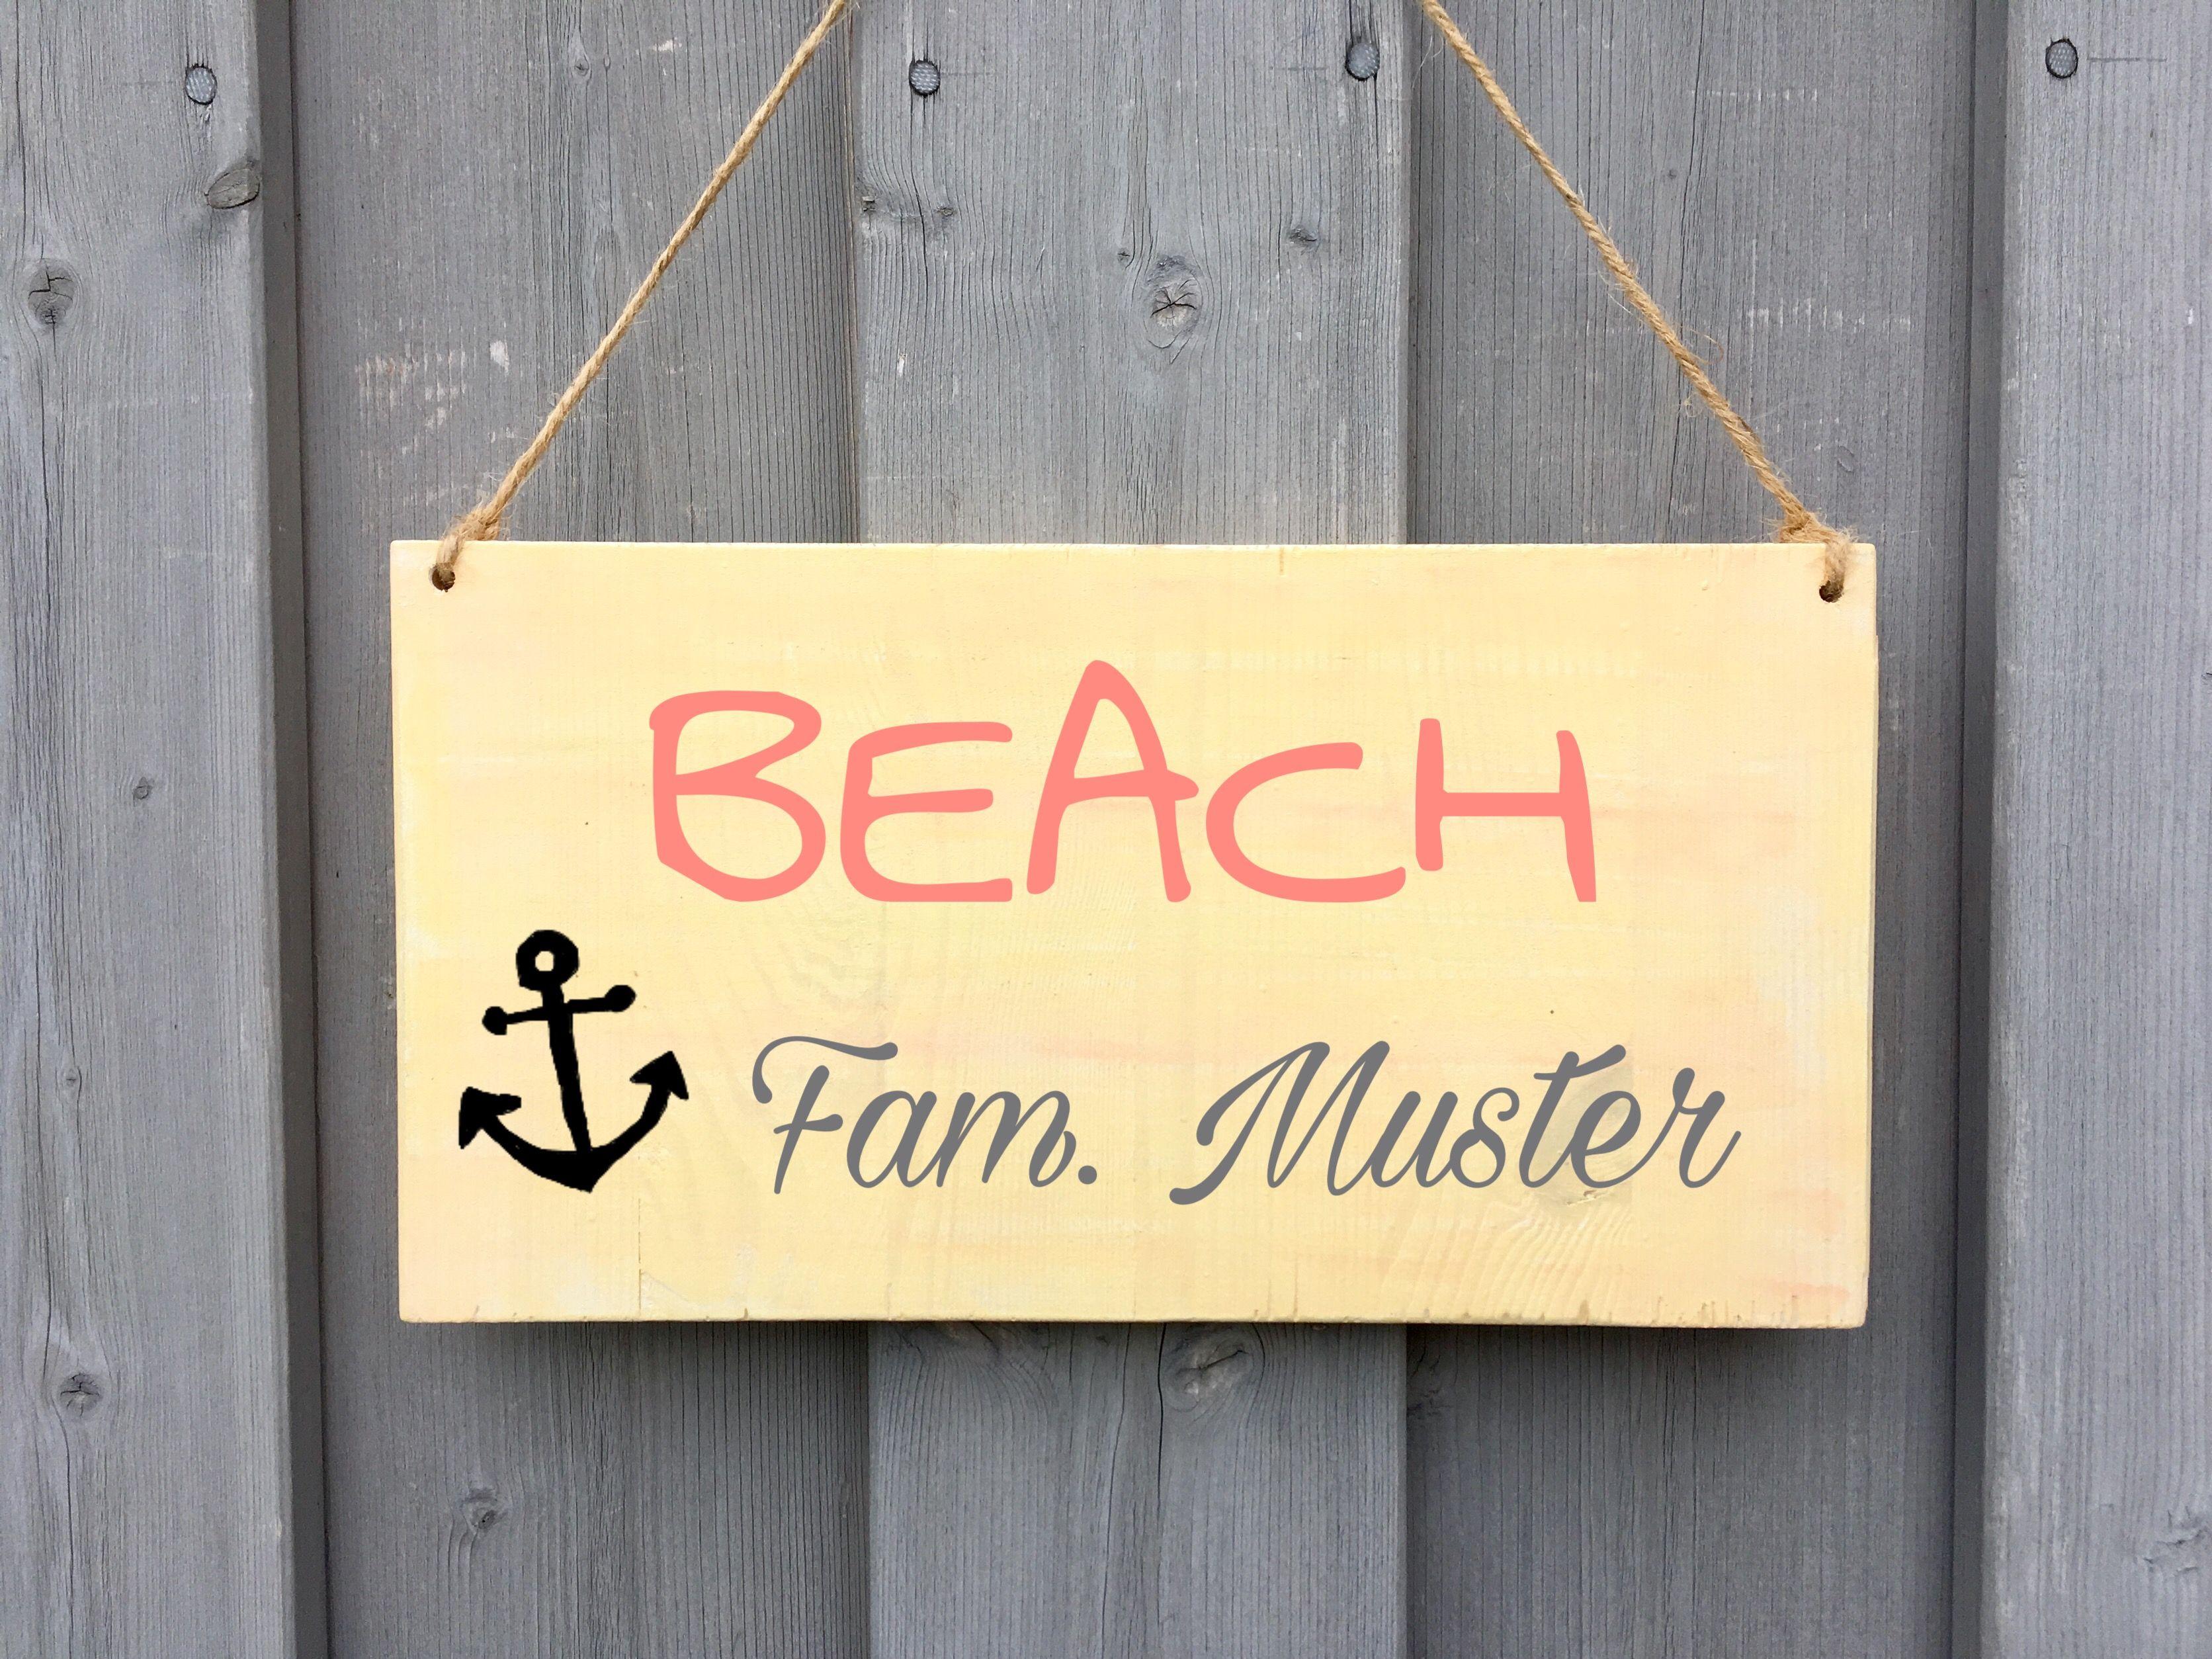 Holzschild Turschild Wooden Schild Shabby Beachhouse Strandhaus Schild Maritim Holzschild Anker Ho Mit Bildern Gartenschilder Personalisierte Schilder Holzschilder